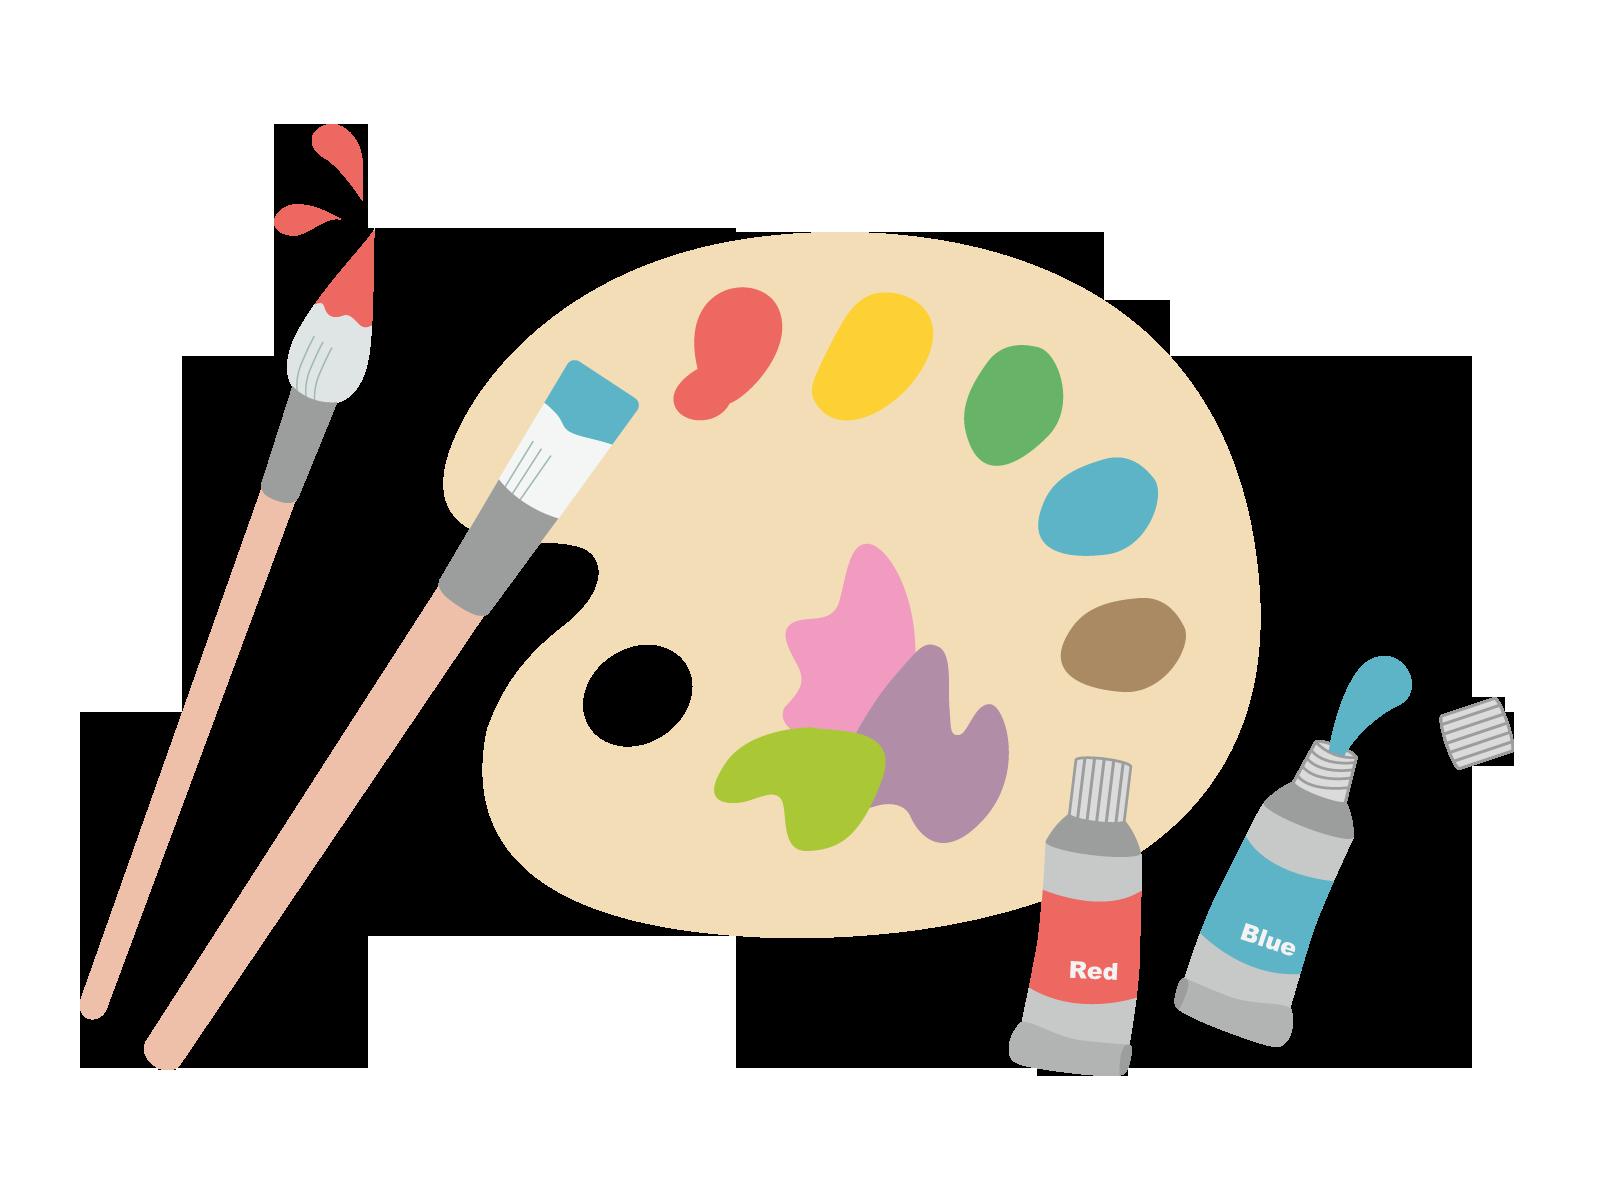 デザイナーの使う色のイラスト